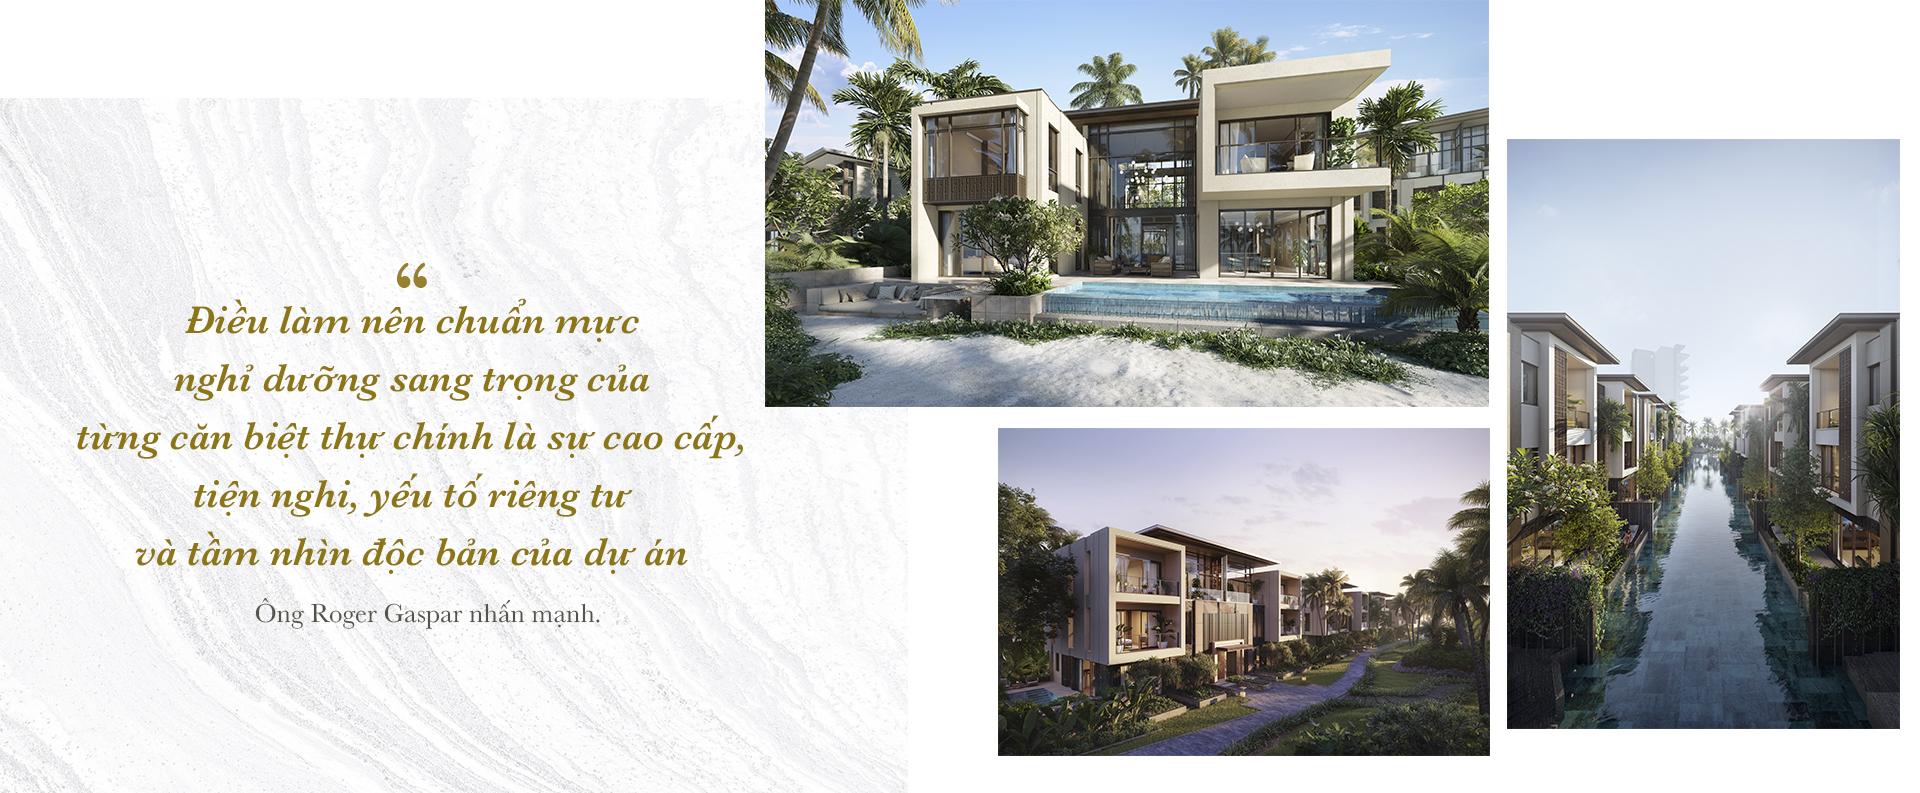 Trải nghiệm nghỉ dưỡng sang trọng tại InterContinental Halong Bay 2020 22